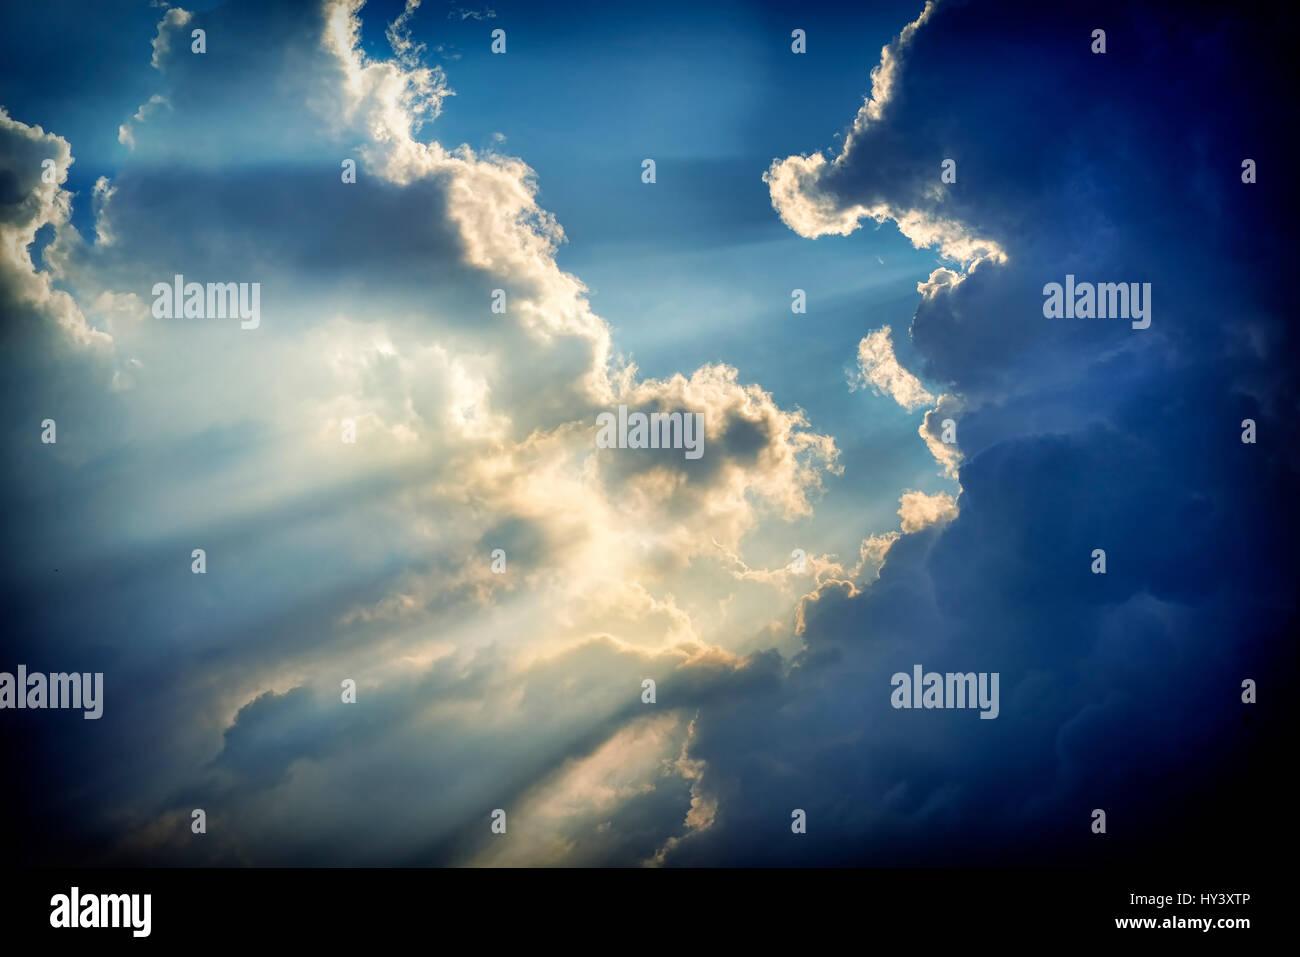 Cloud formation, sunrays break through the cloud cover, Wolkenformation, Sonnenstrahlen durchbrechen die Wolkendecke - Stock Image